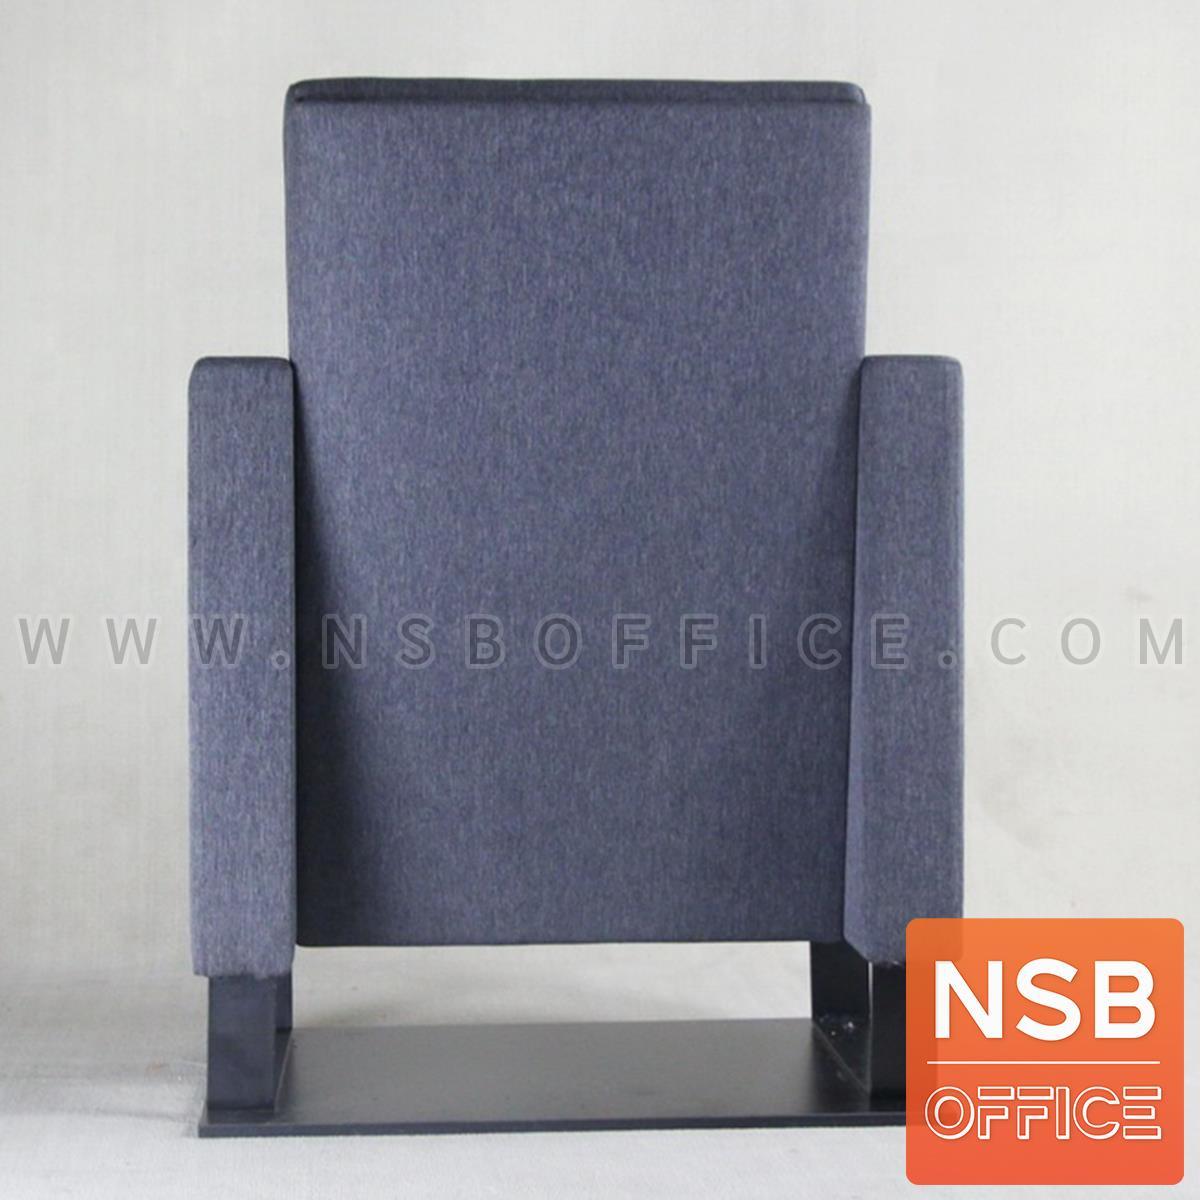 เก้าอี้หอประชุมแผ่นเลคเชอร์ รุ่น Fabelle (ฟาเบลล์)  หุ้มผ้า ที่นั่งพับได้